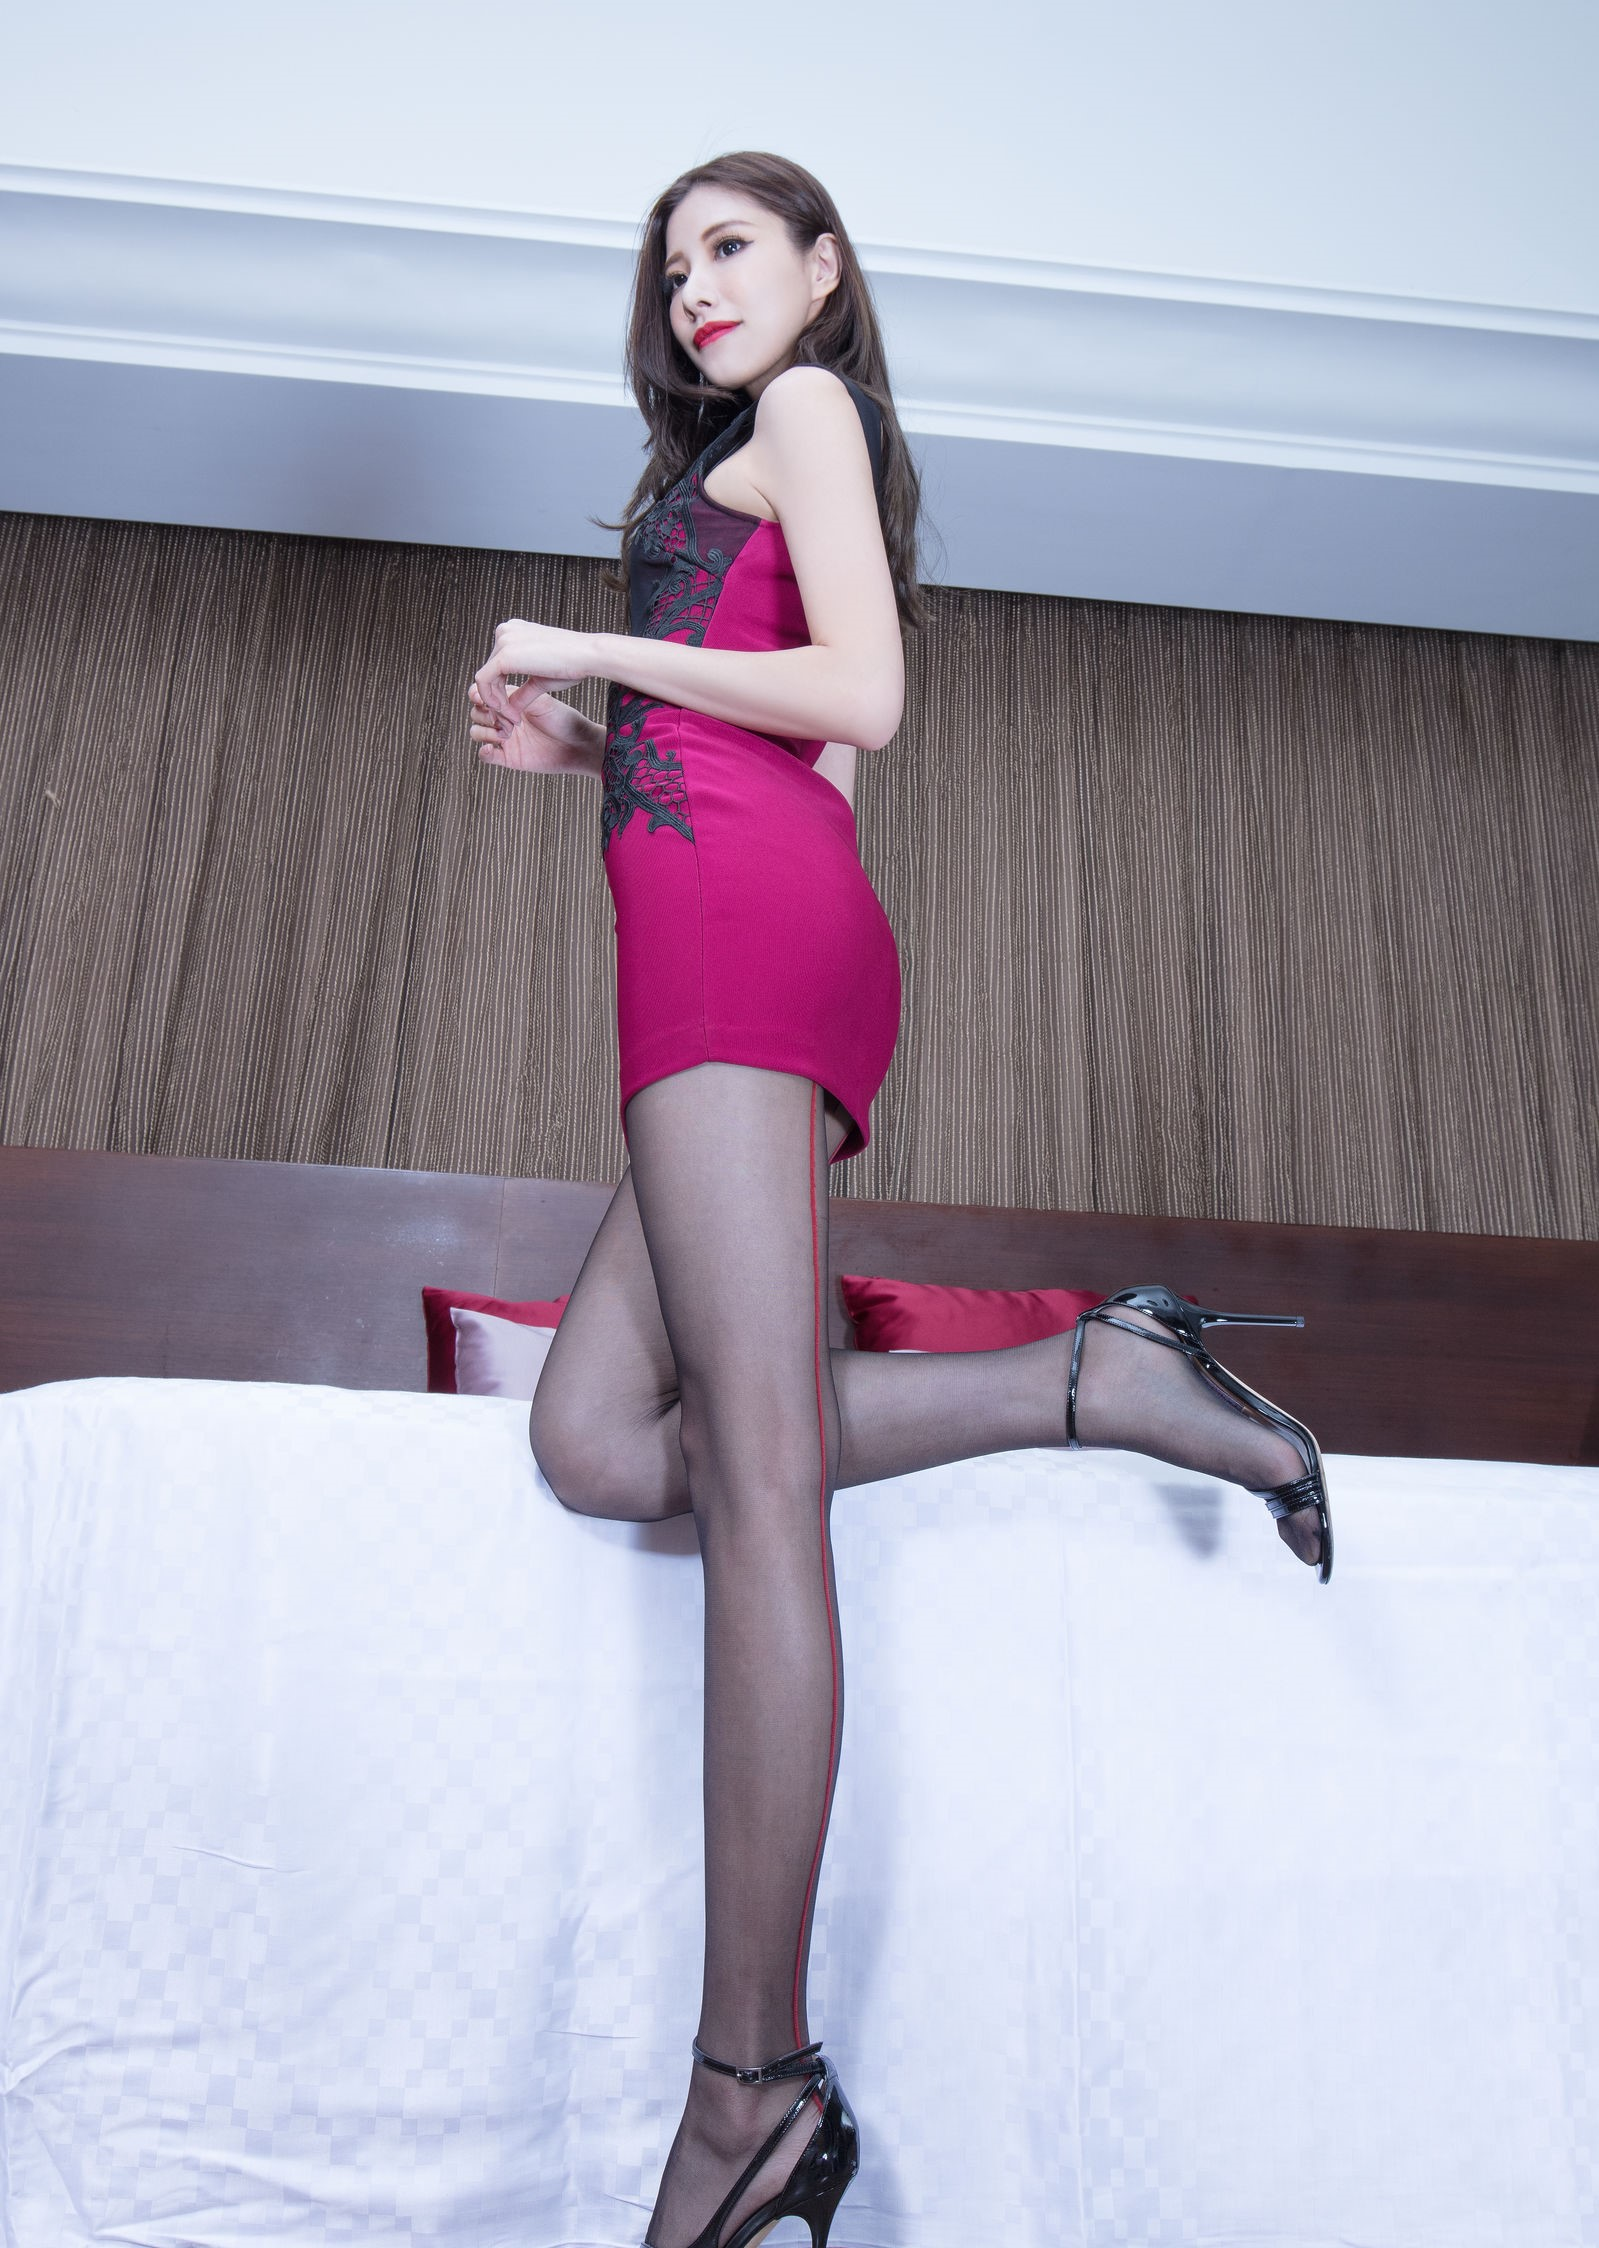 ドレスを着た美女の黒パンスト足 4